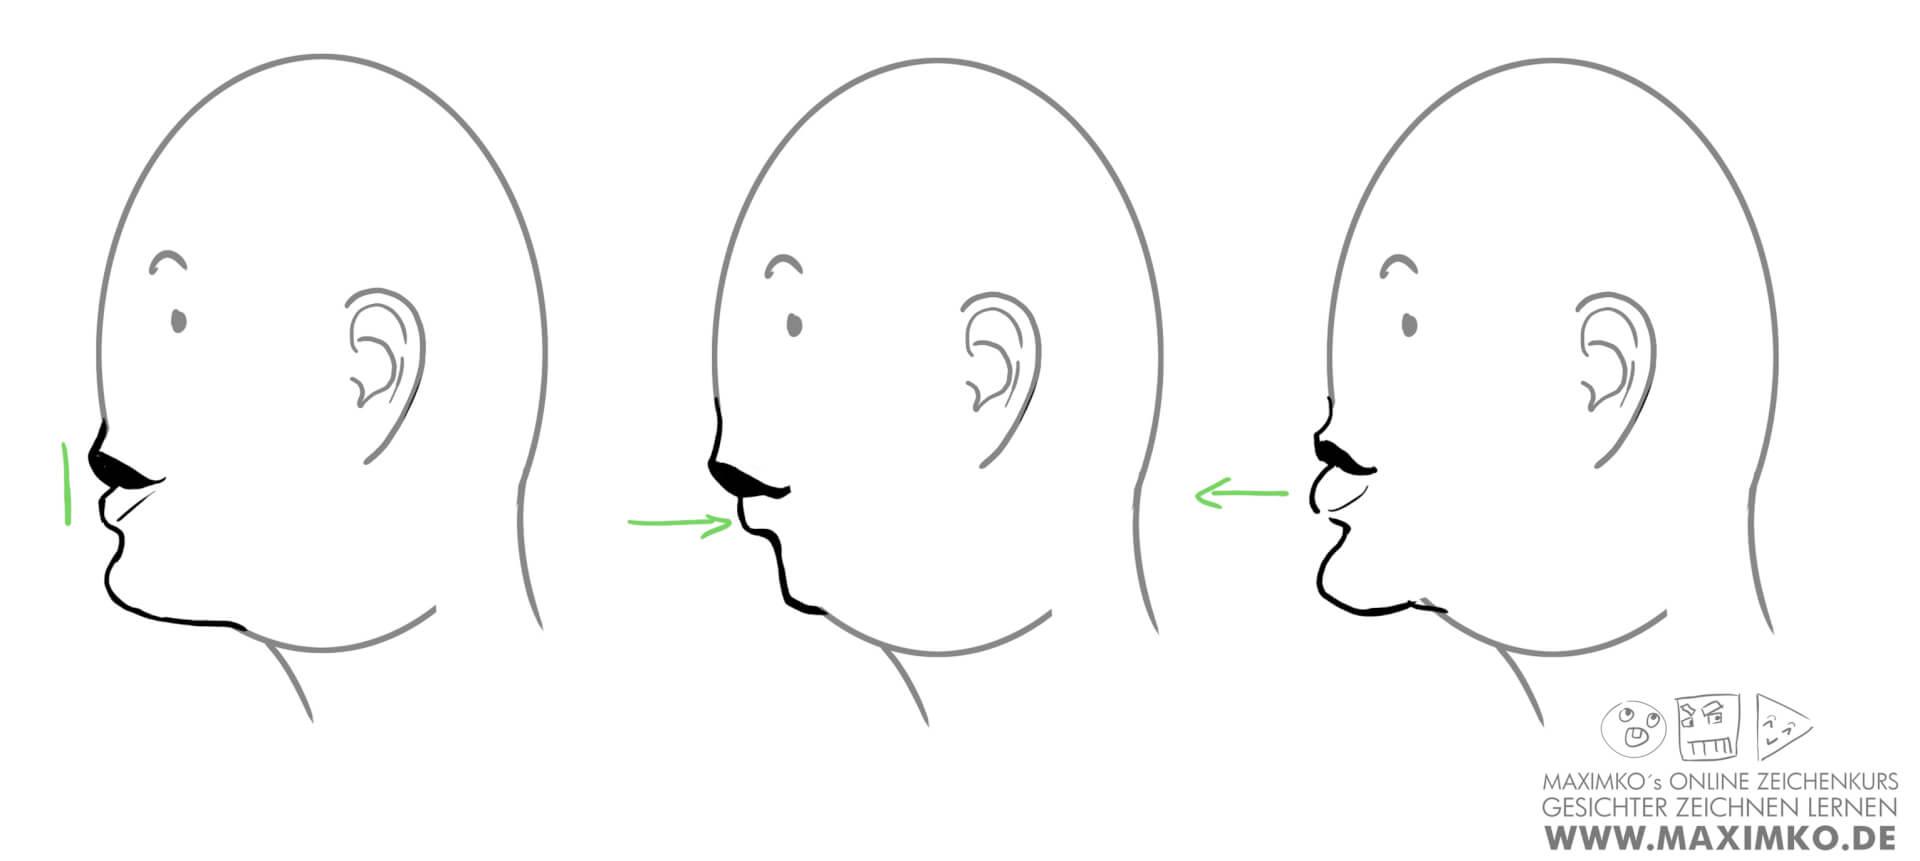 mund und lippen zeichnen lernen tutorial grosse unterlippe grosse oberlippe maximko